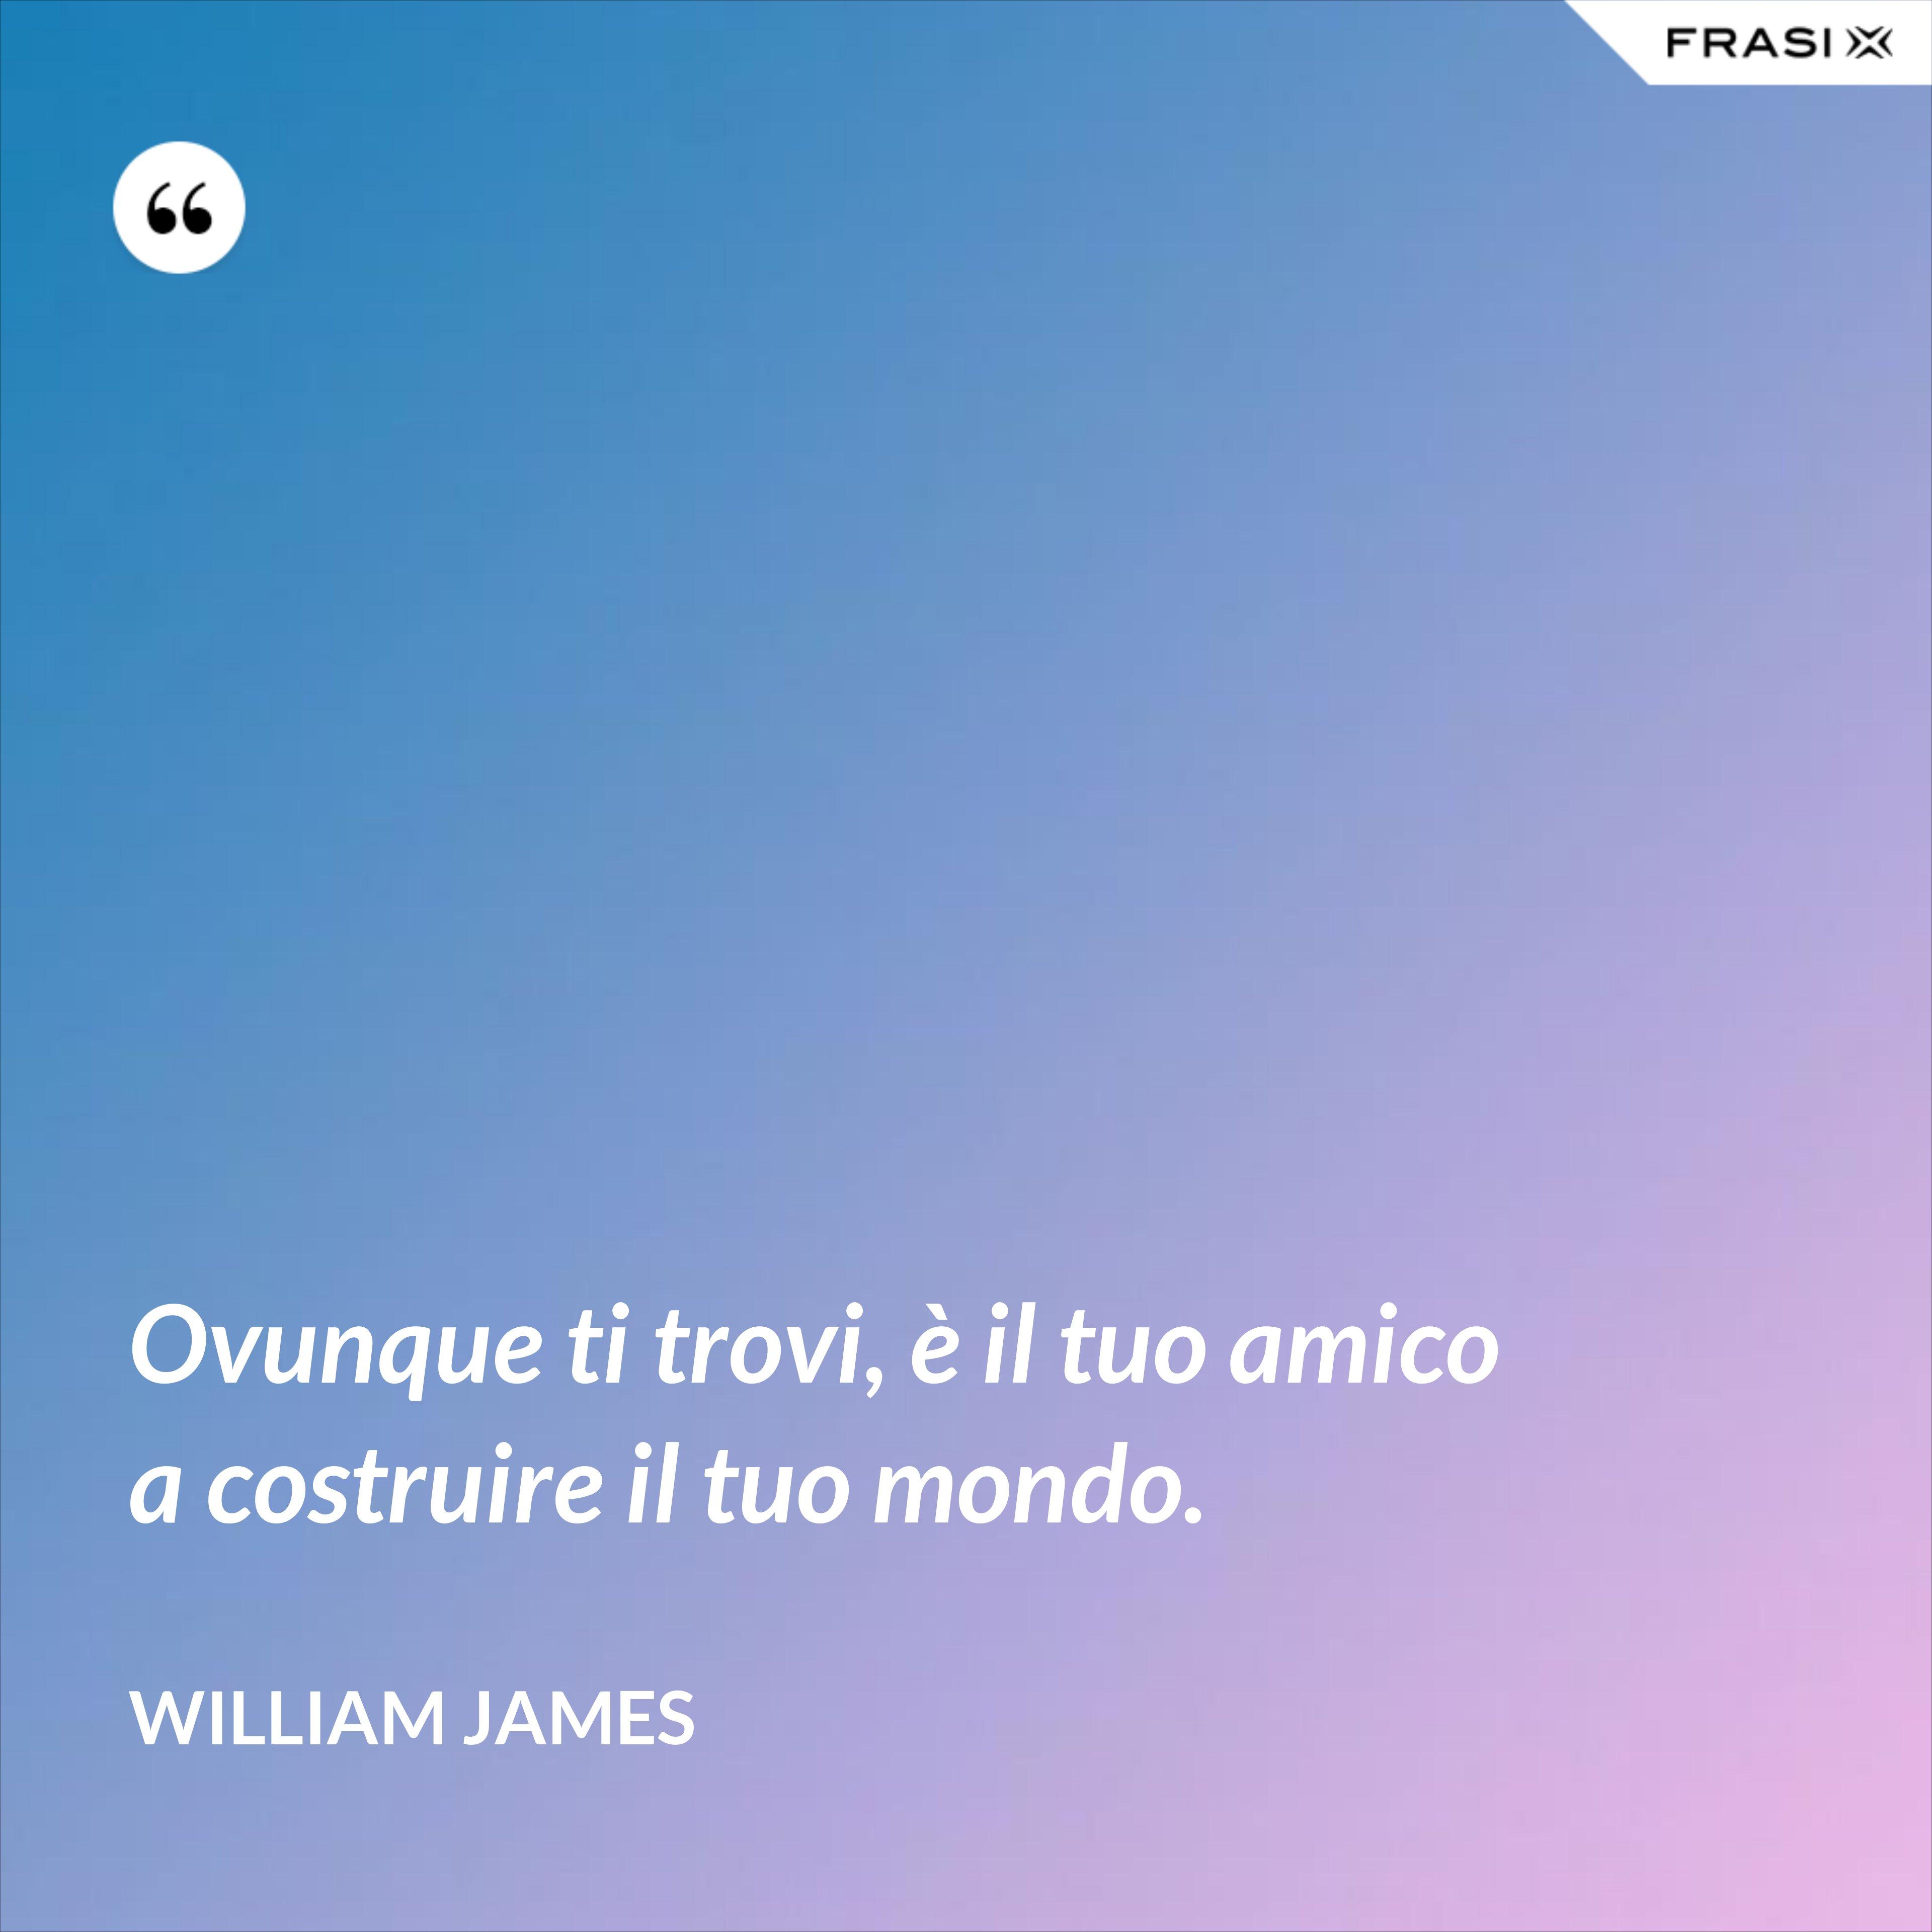 Ovunque ti trovi, è il tuo amico a costruire il tuo mondo. - William James